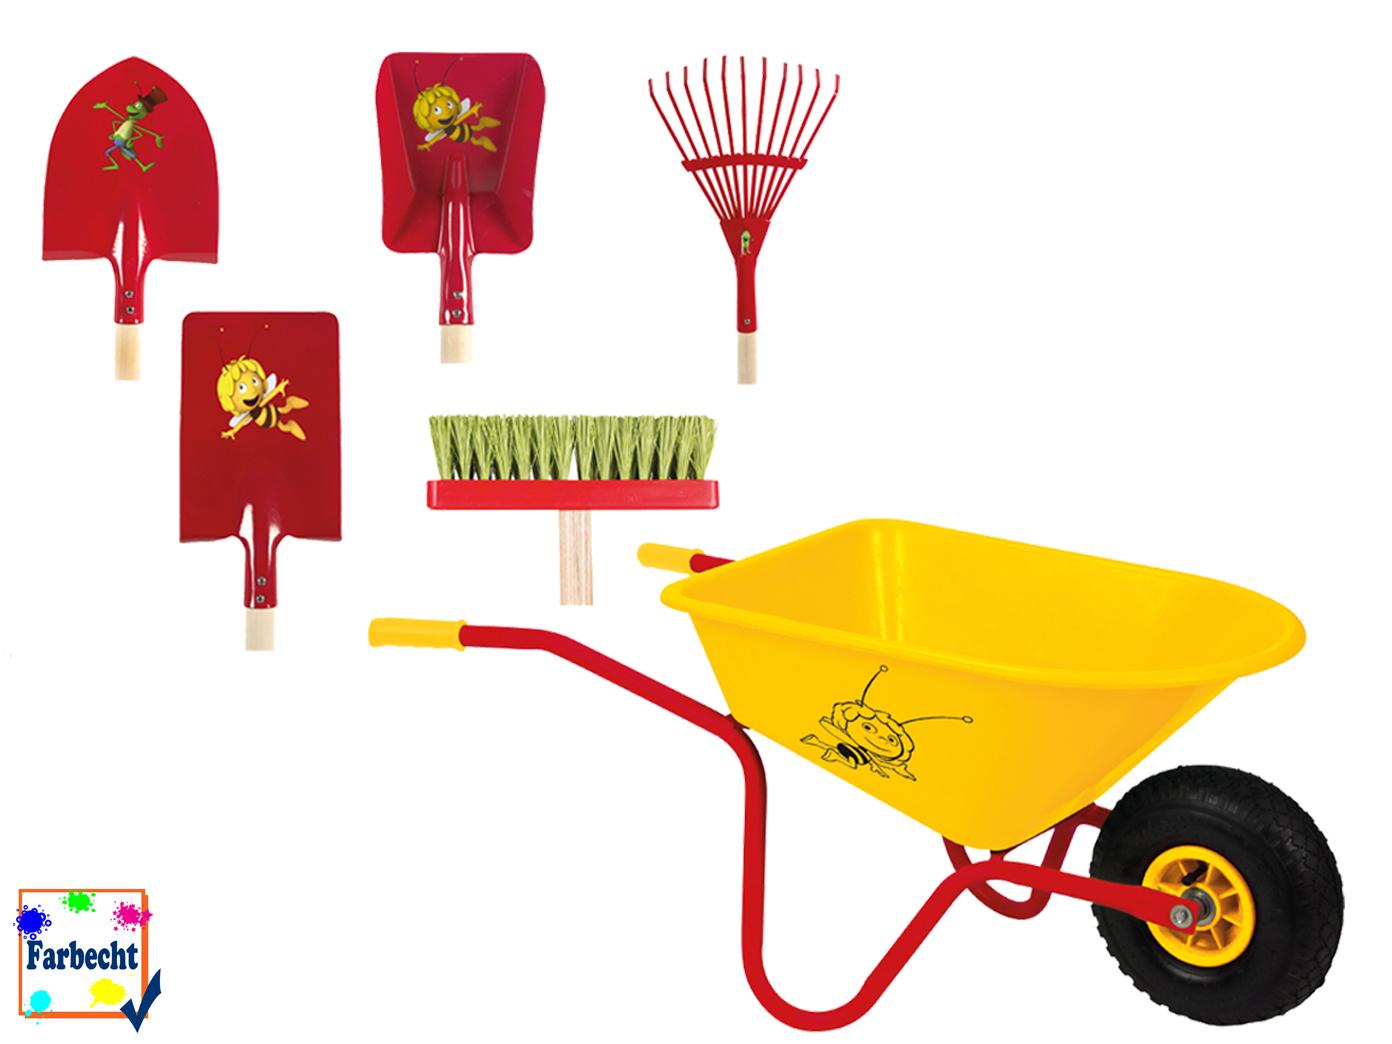 Gartengeräte-Set mit Schubkarre -DIE BIENE BIENE BIENE MAJA- Strandspielzeug 63693e